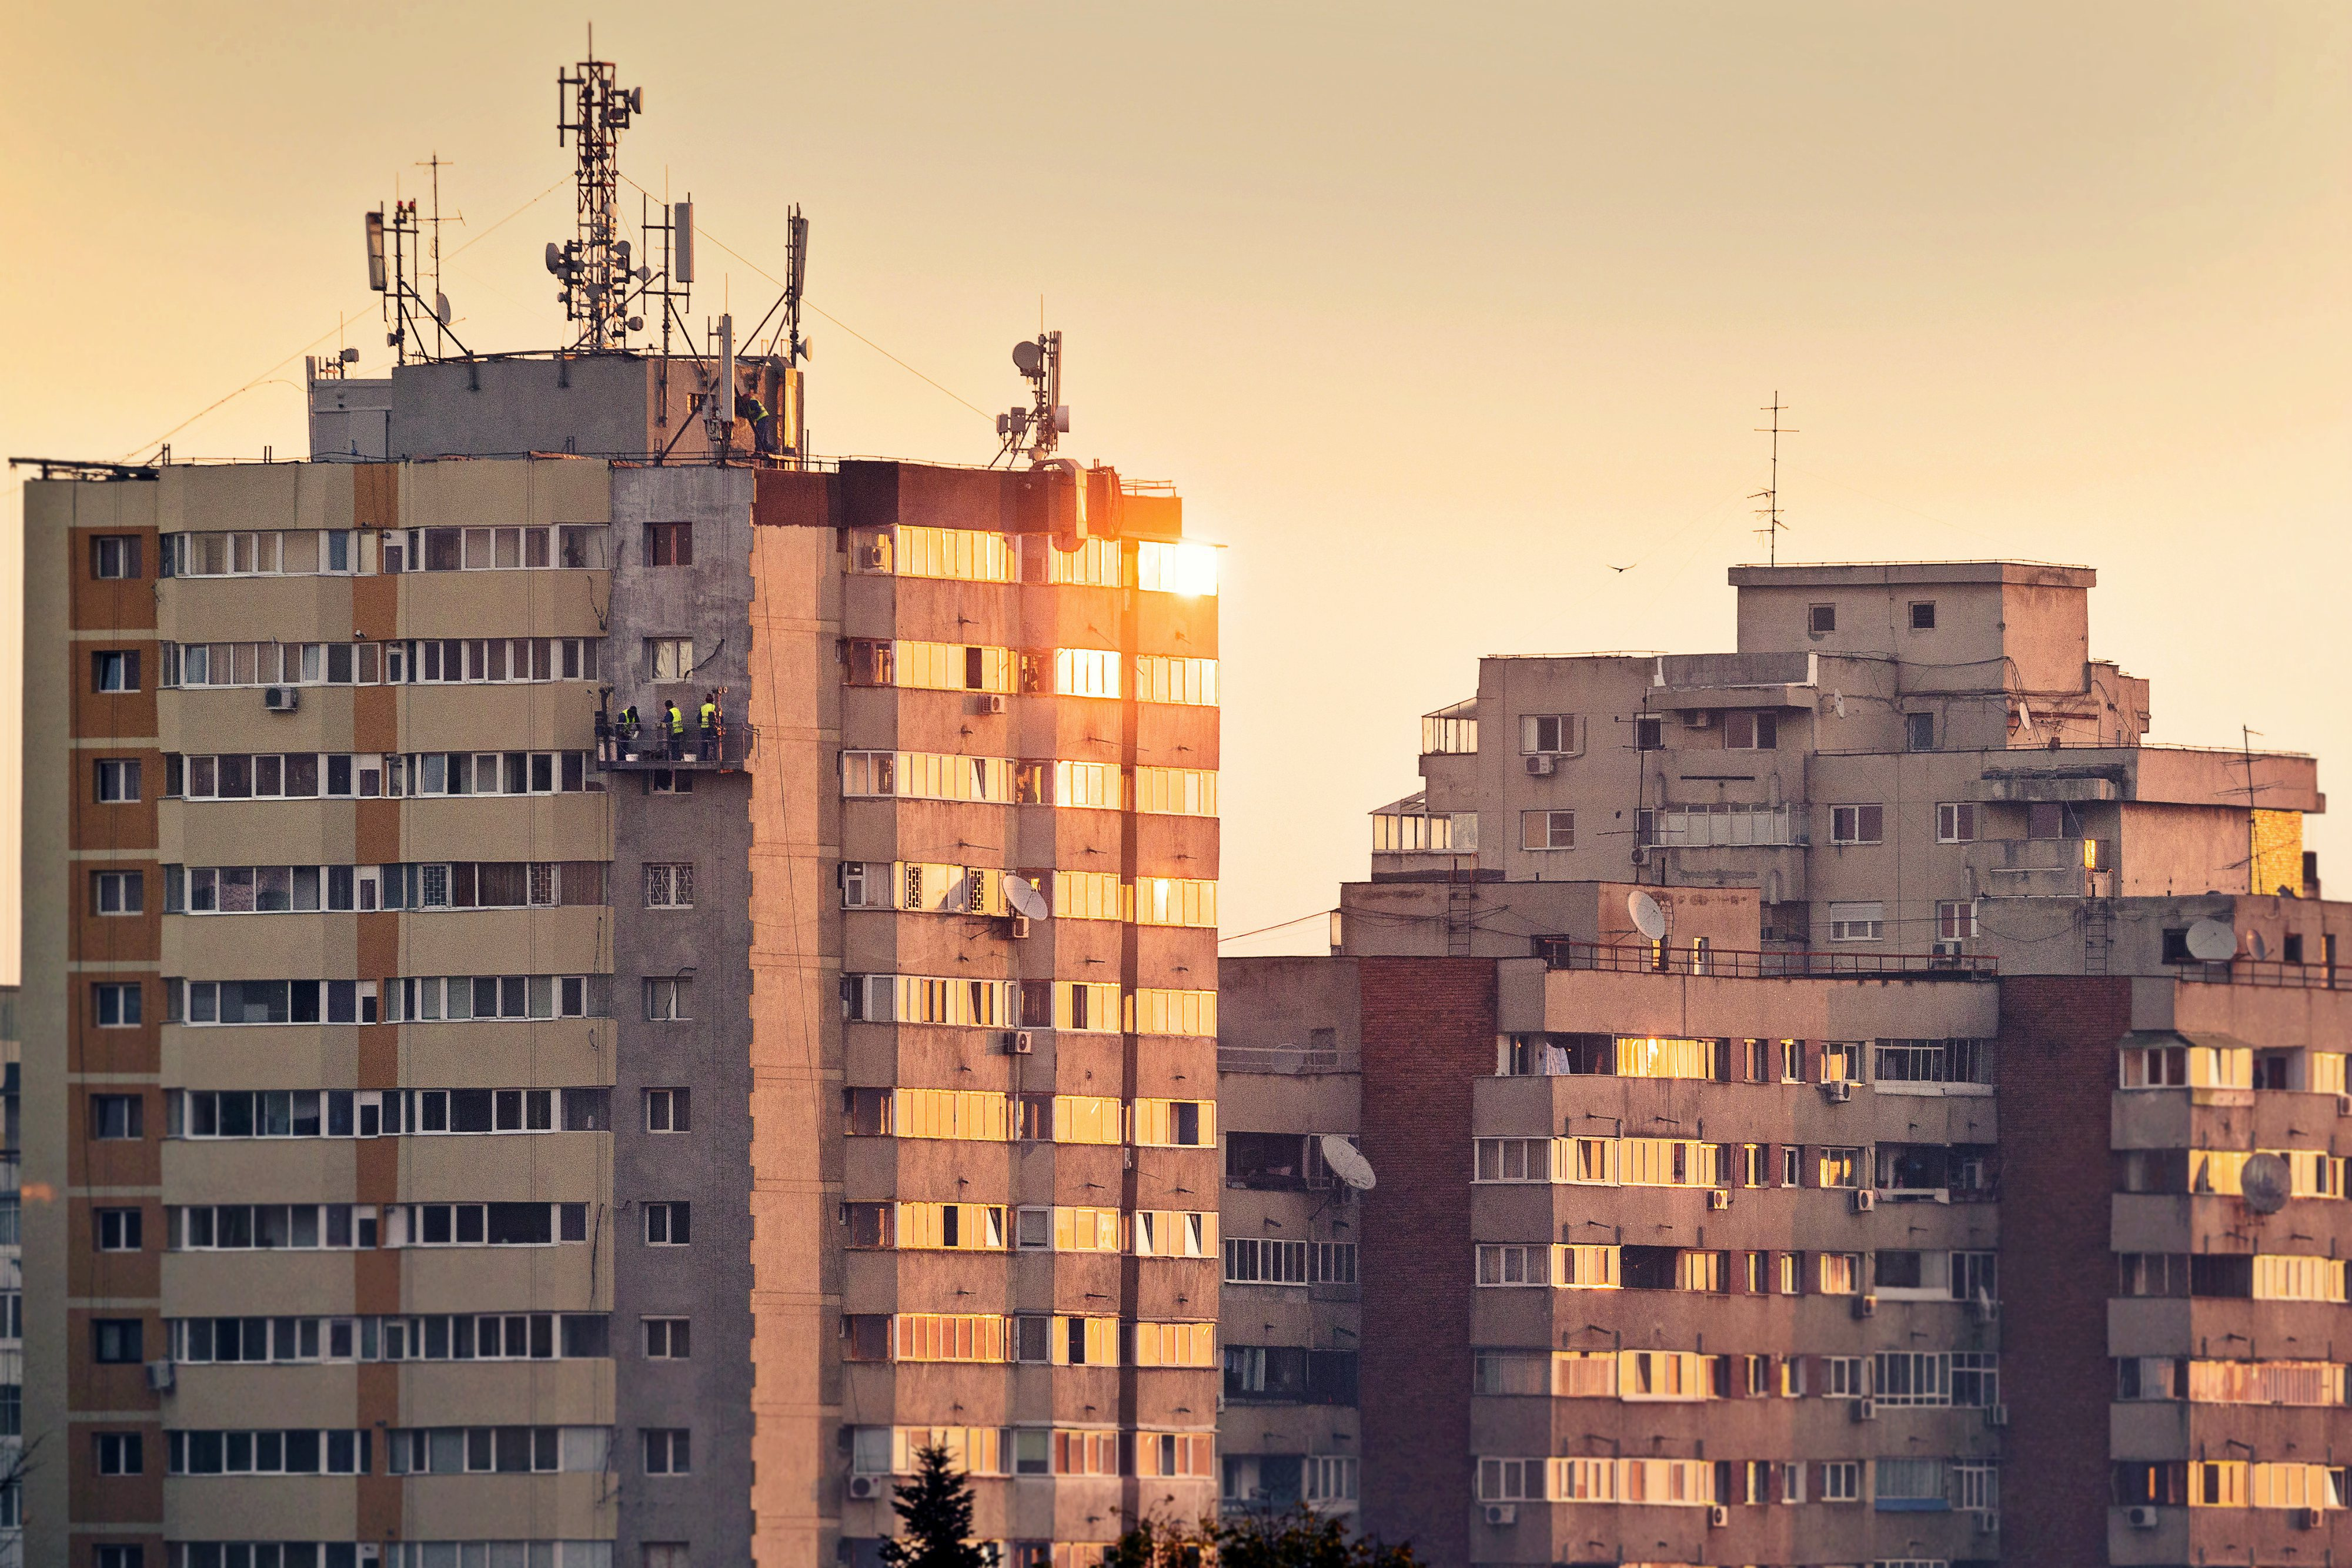 Imobiliarium: Cele mai căutate beneficii la achiziţia unei locuinţe sunt discounturile, urmate de accesul la transport. Cumpărătorii sunt dispuşi să ofere în medie de 80.000 de euro pentru un apartament de trei camere